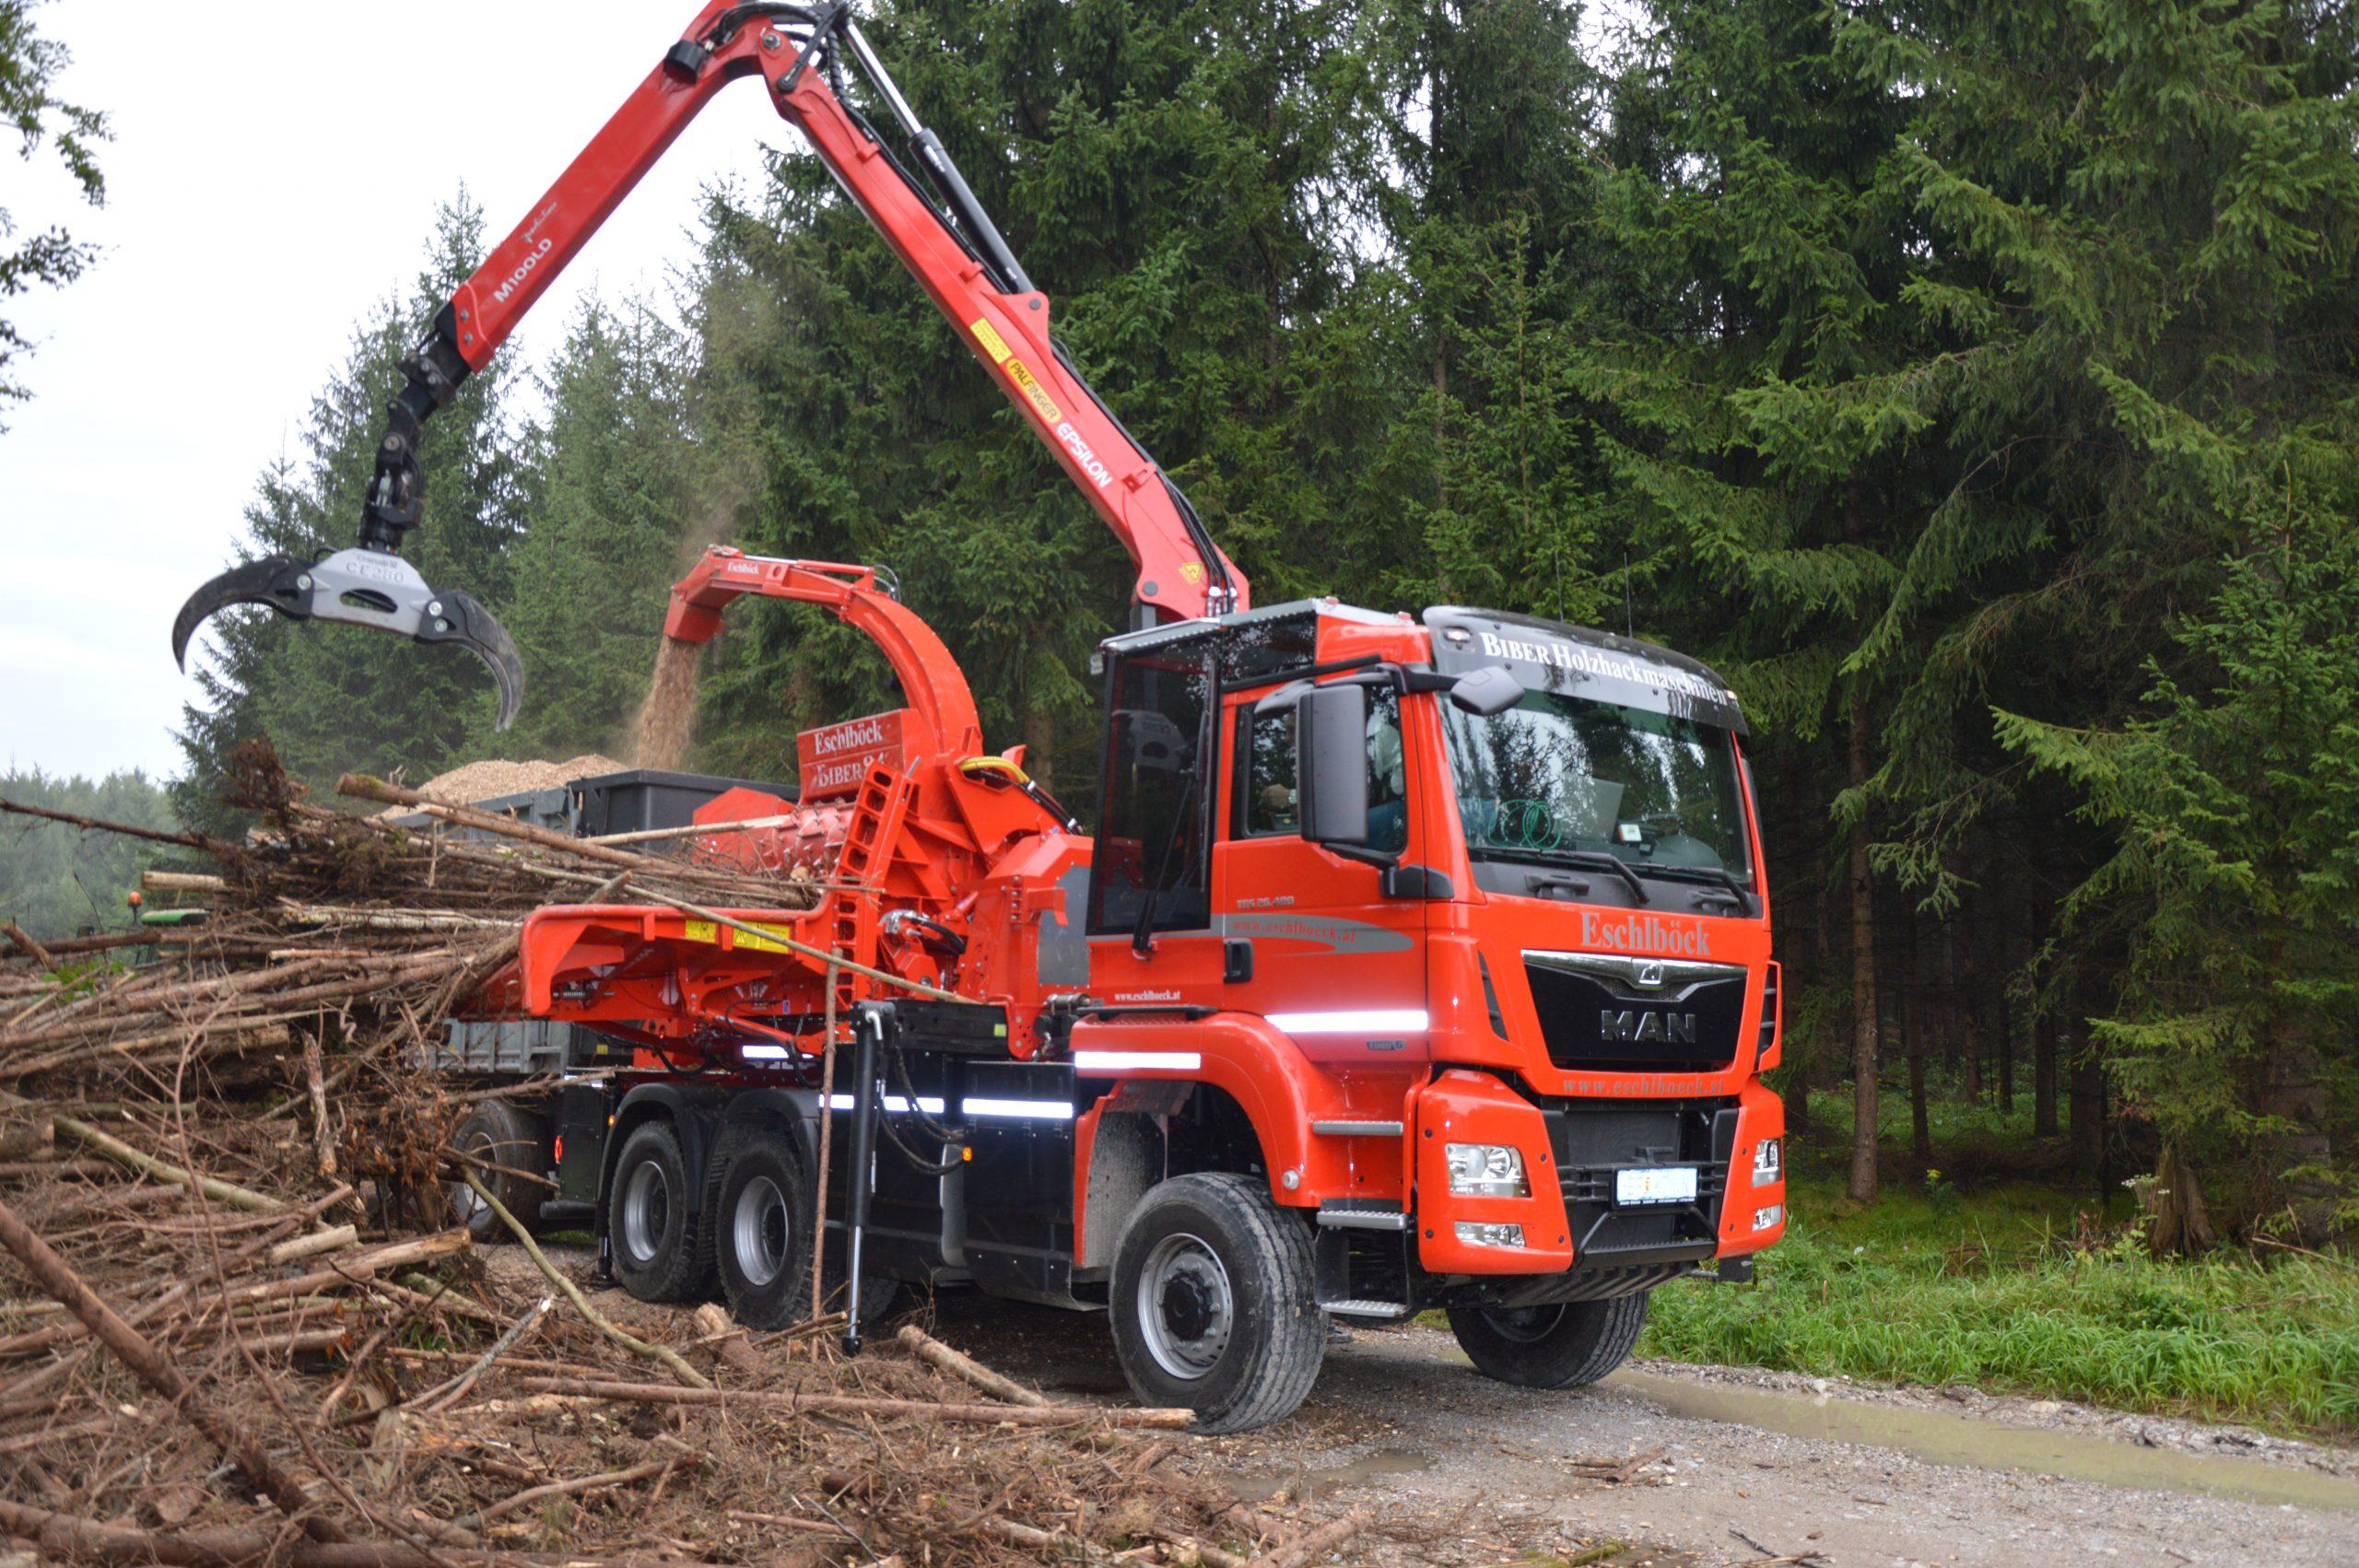 Eschlböck Biber 84 RBZ Holzhackmaschine